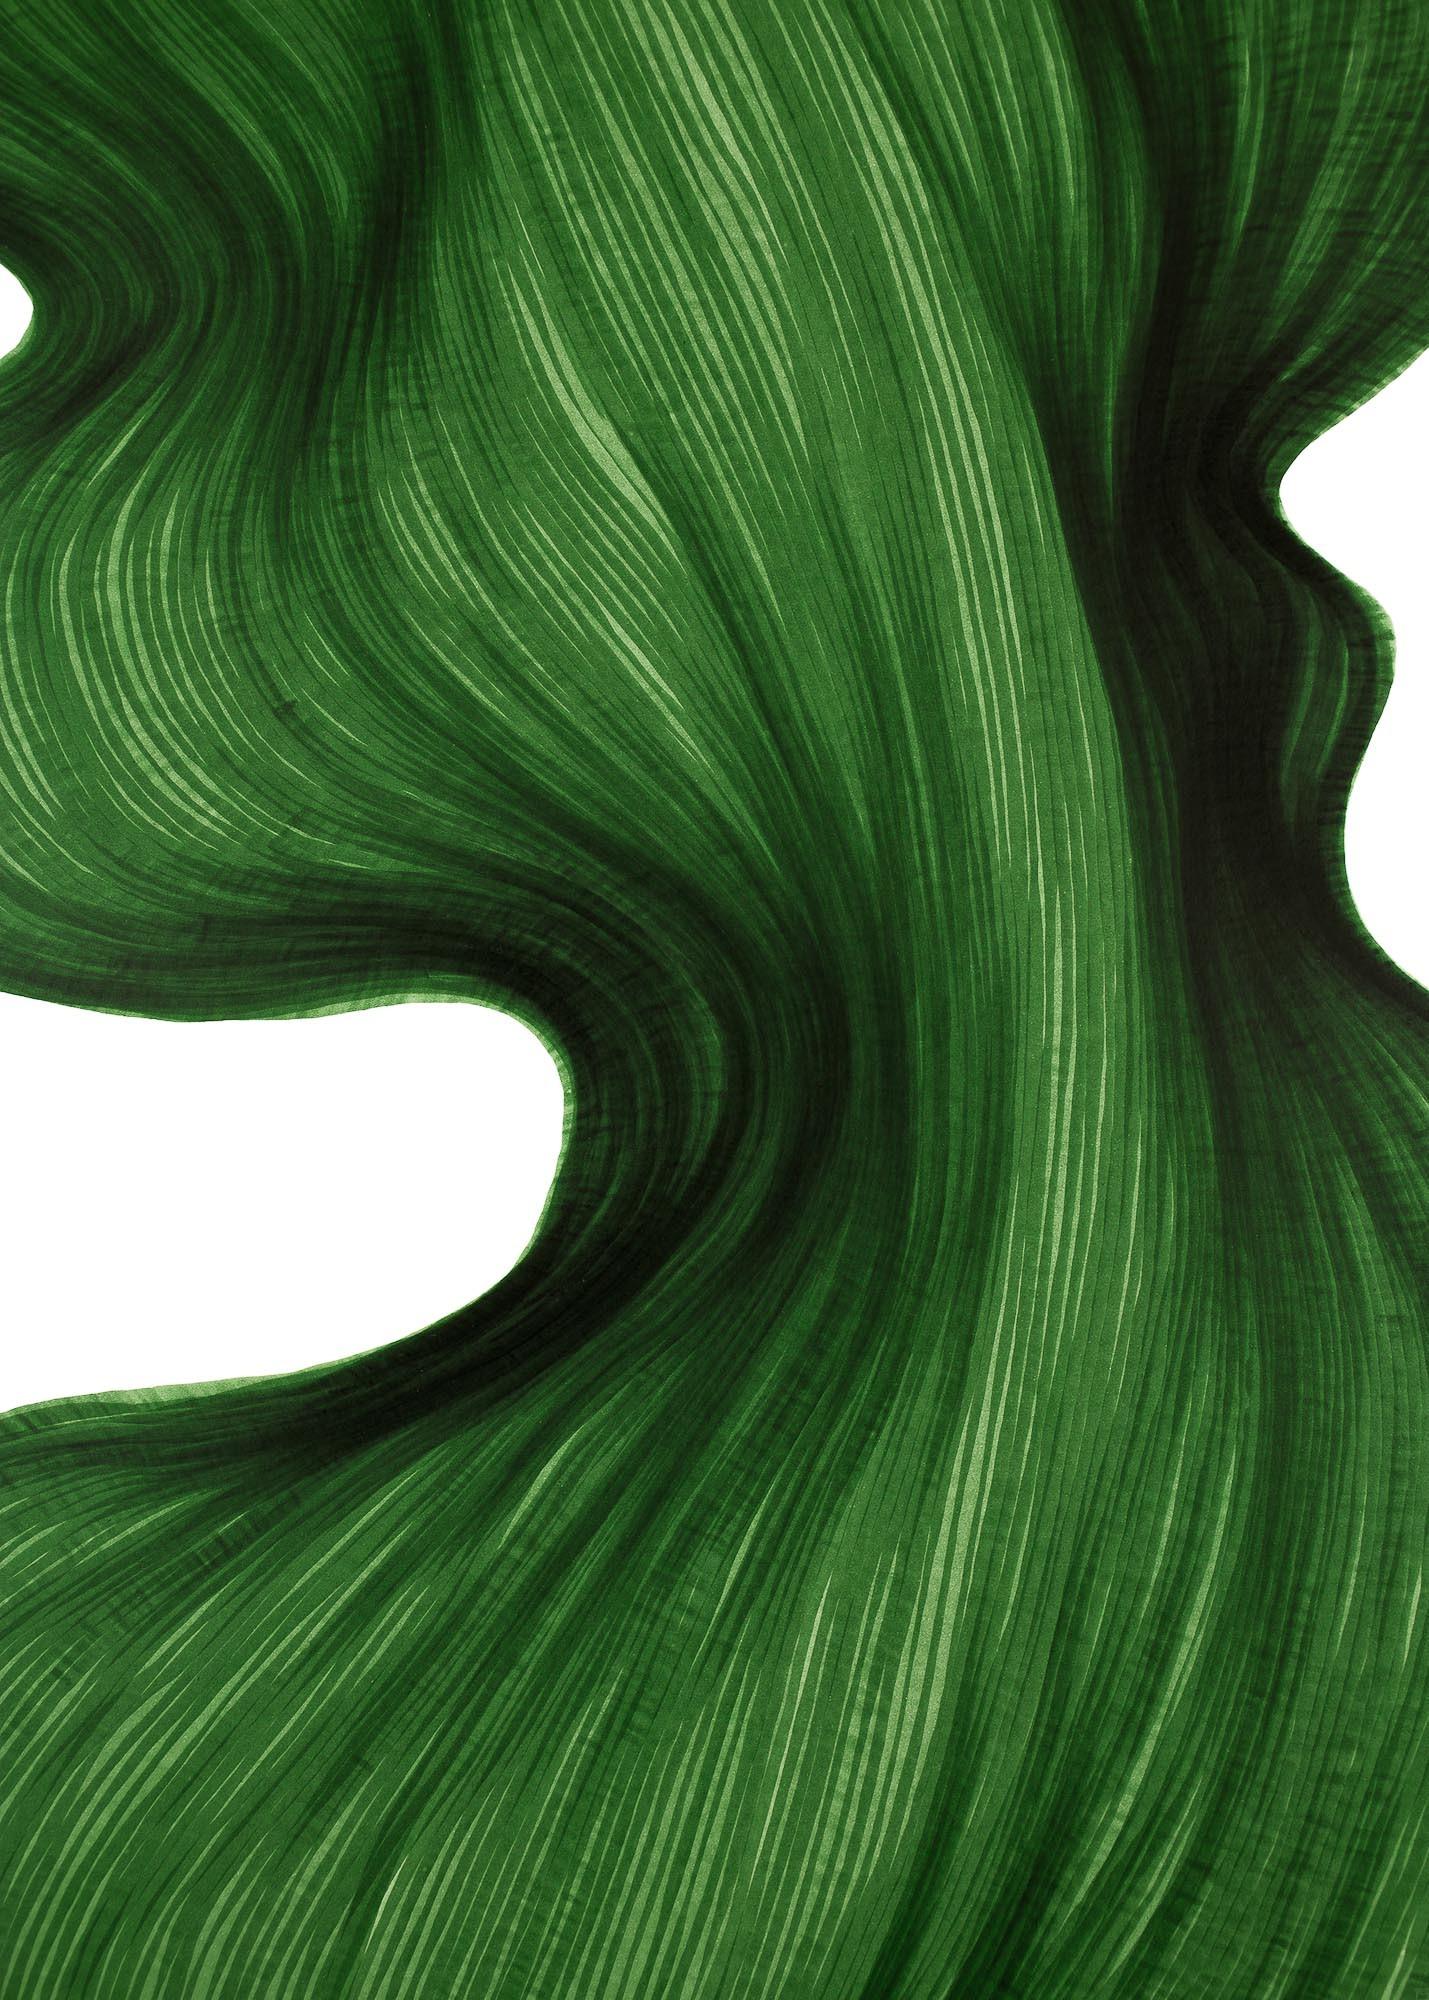 Deep Green Bend   Lali Torma   Zeichnung   Kalligraphie Tinte auf Papier - Detail 1